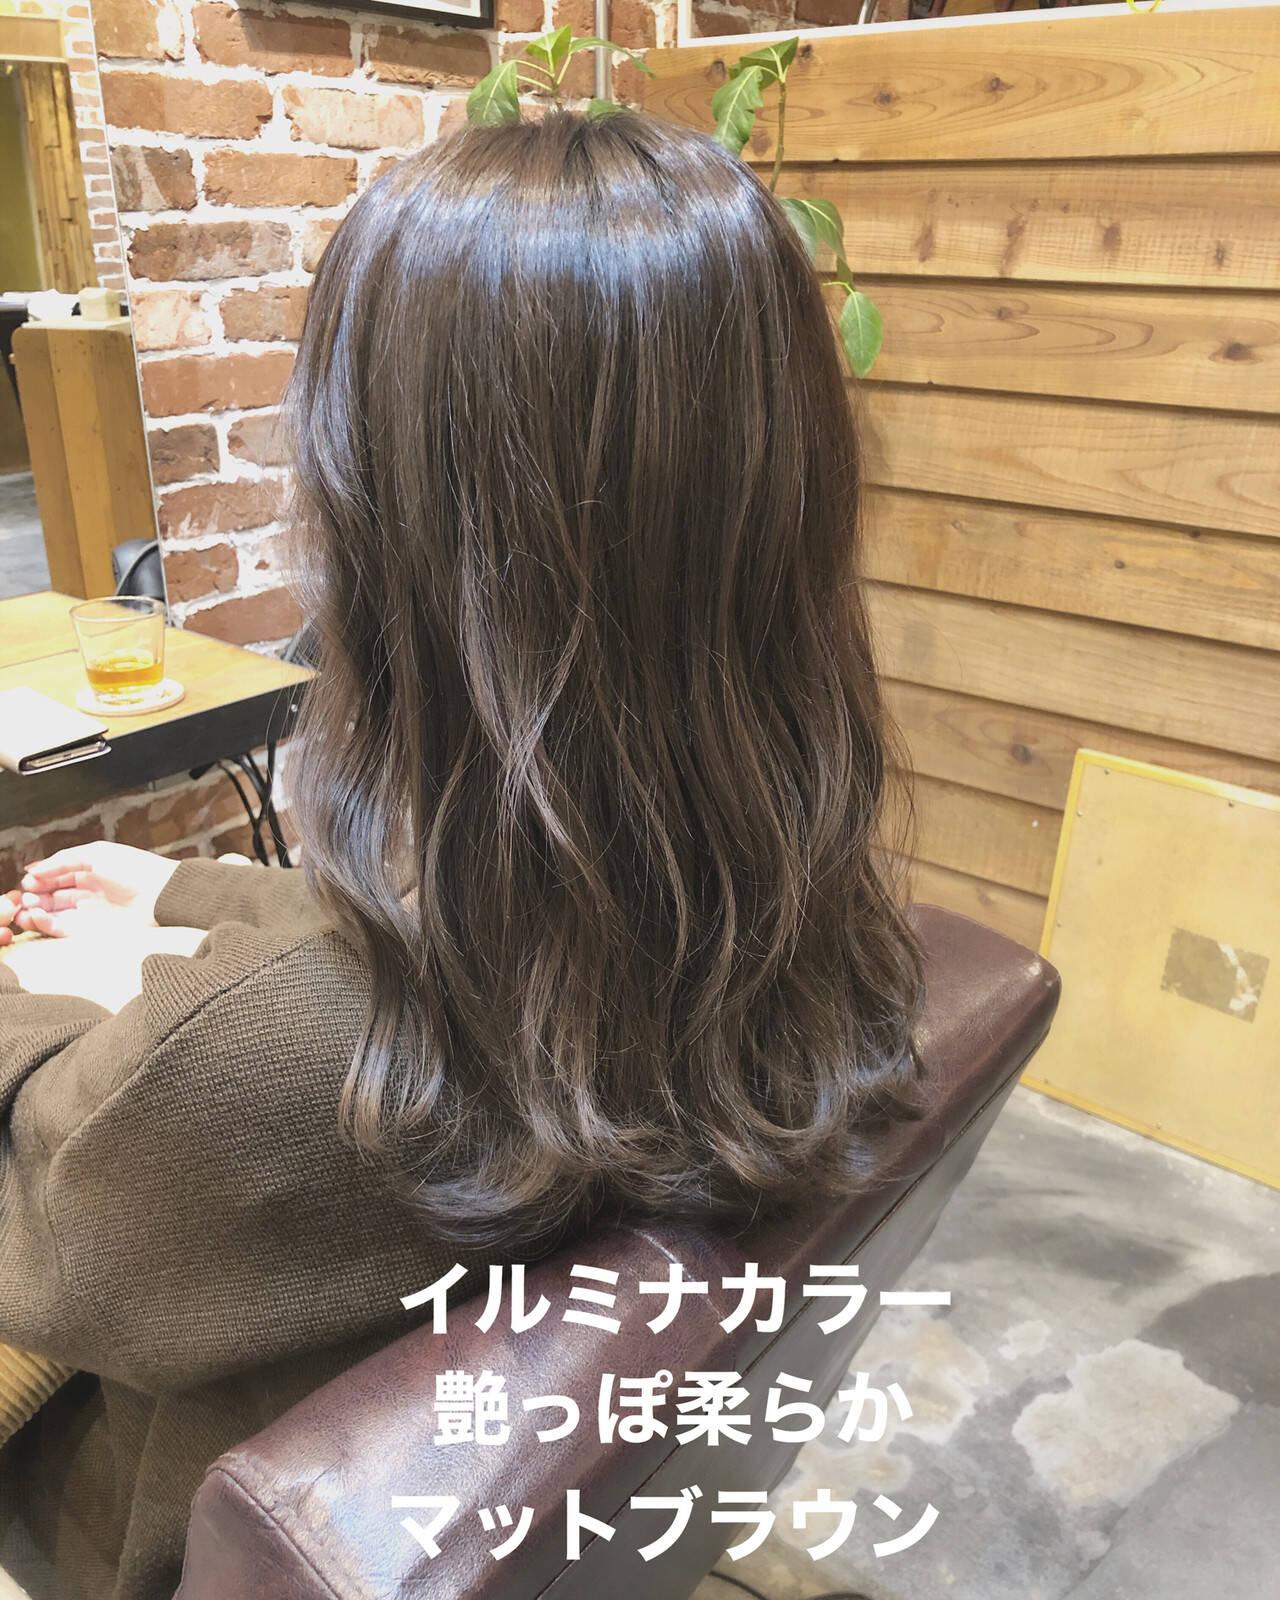 ブランジュ カーキ ナチュラル ブラウンヘアスタイルや髪型の写真・画像